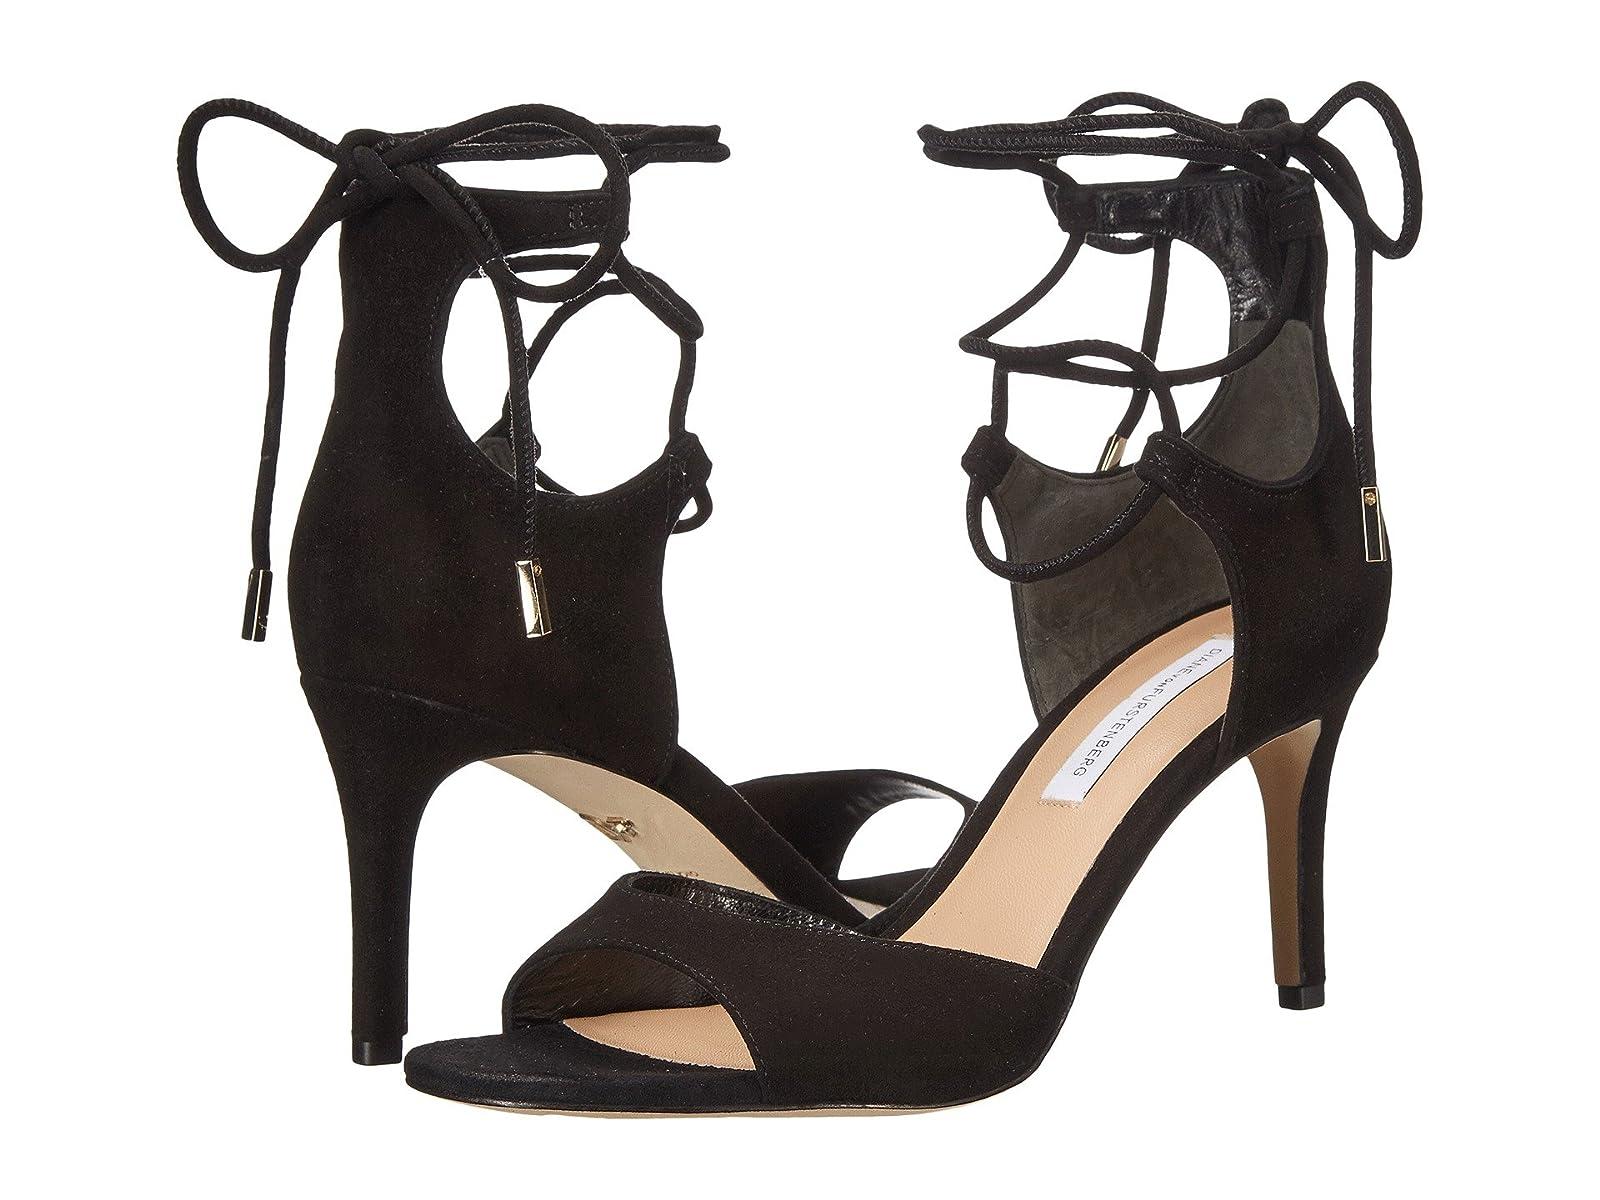 Diane von Furstenberg RiminiCheap and distinctive eye-catching shoes